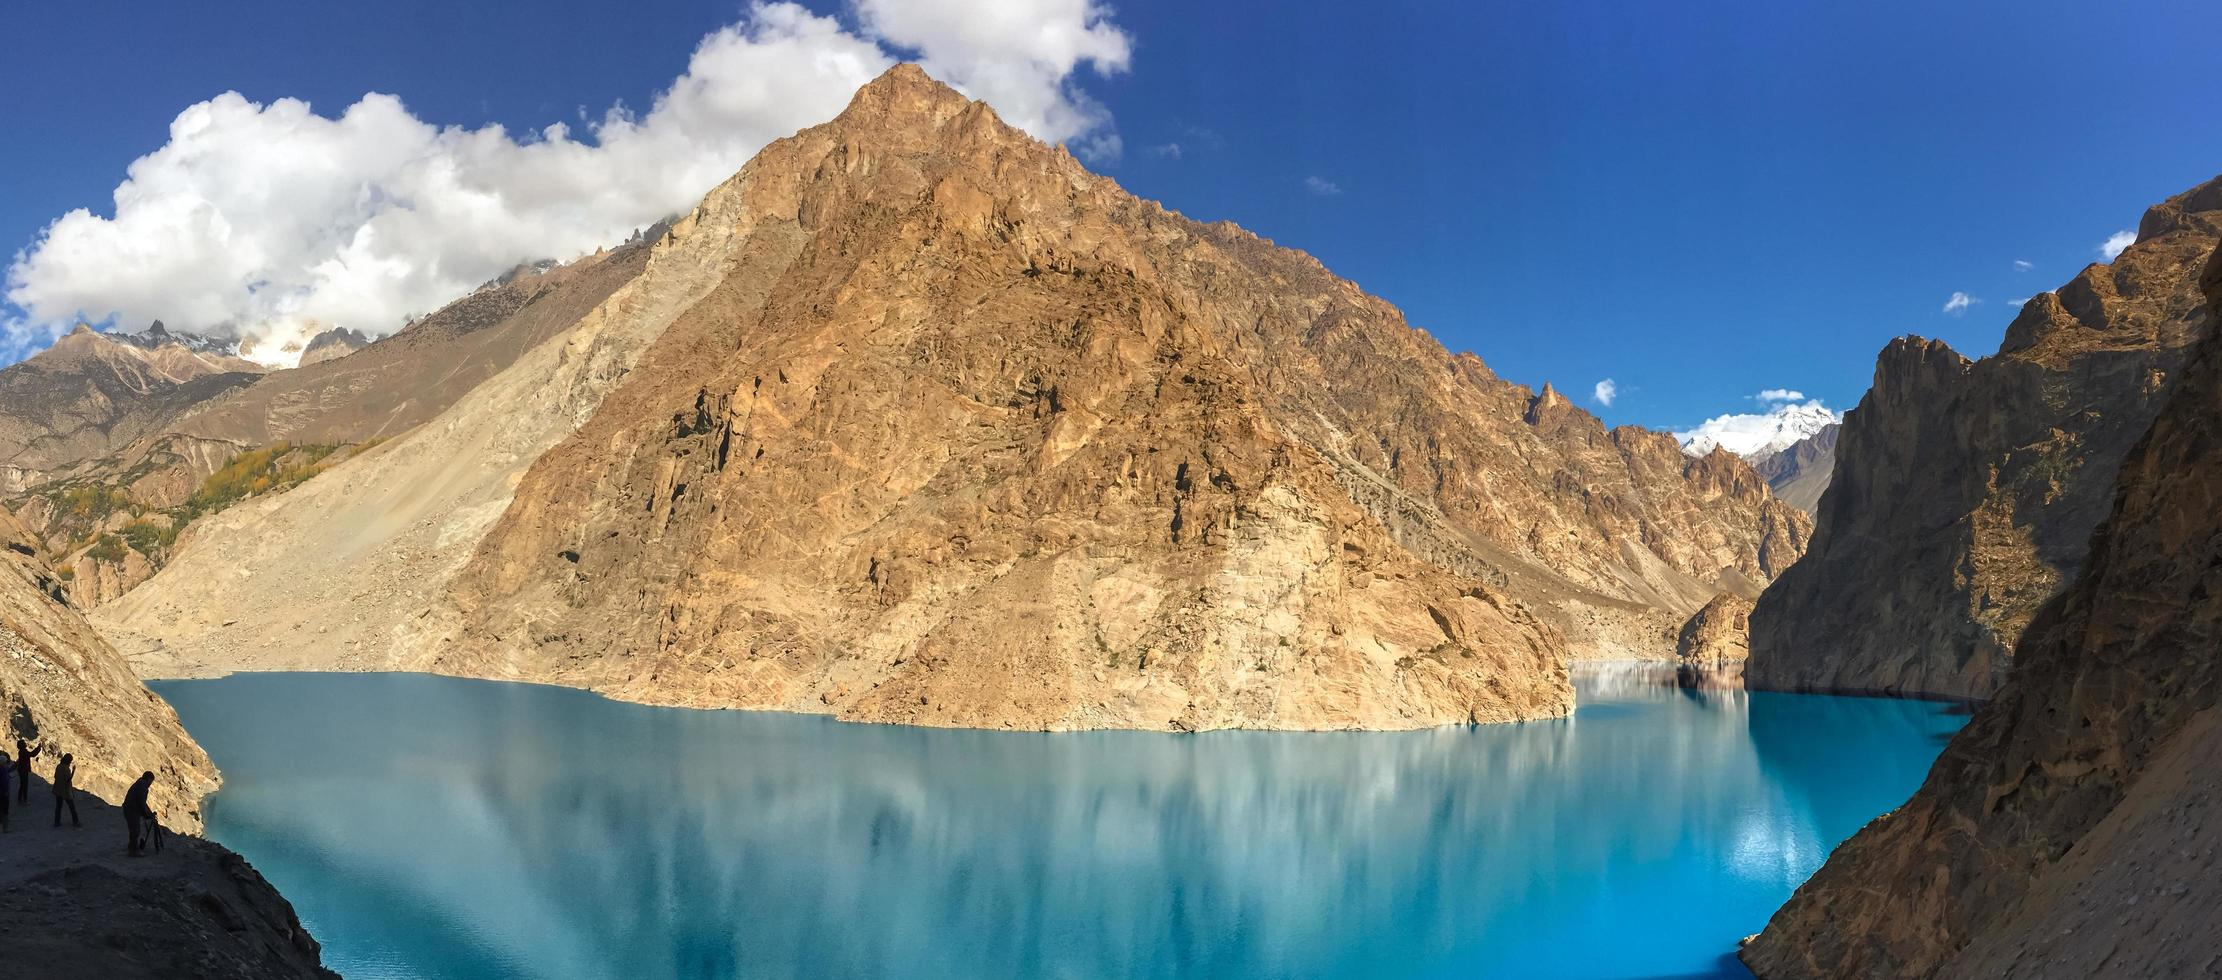 attabad meer in hunza vallei, pakistan foto